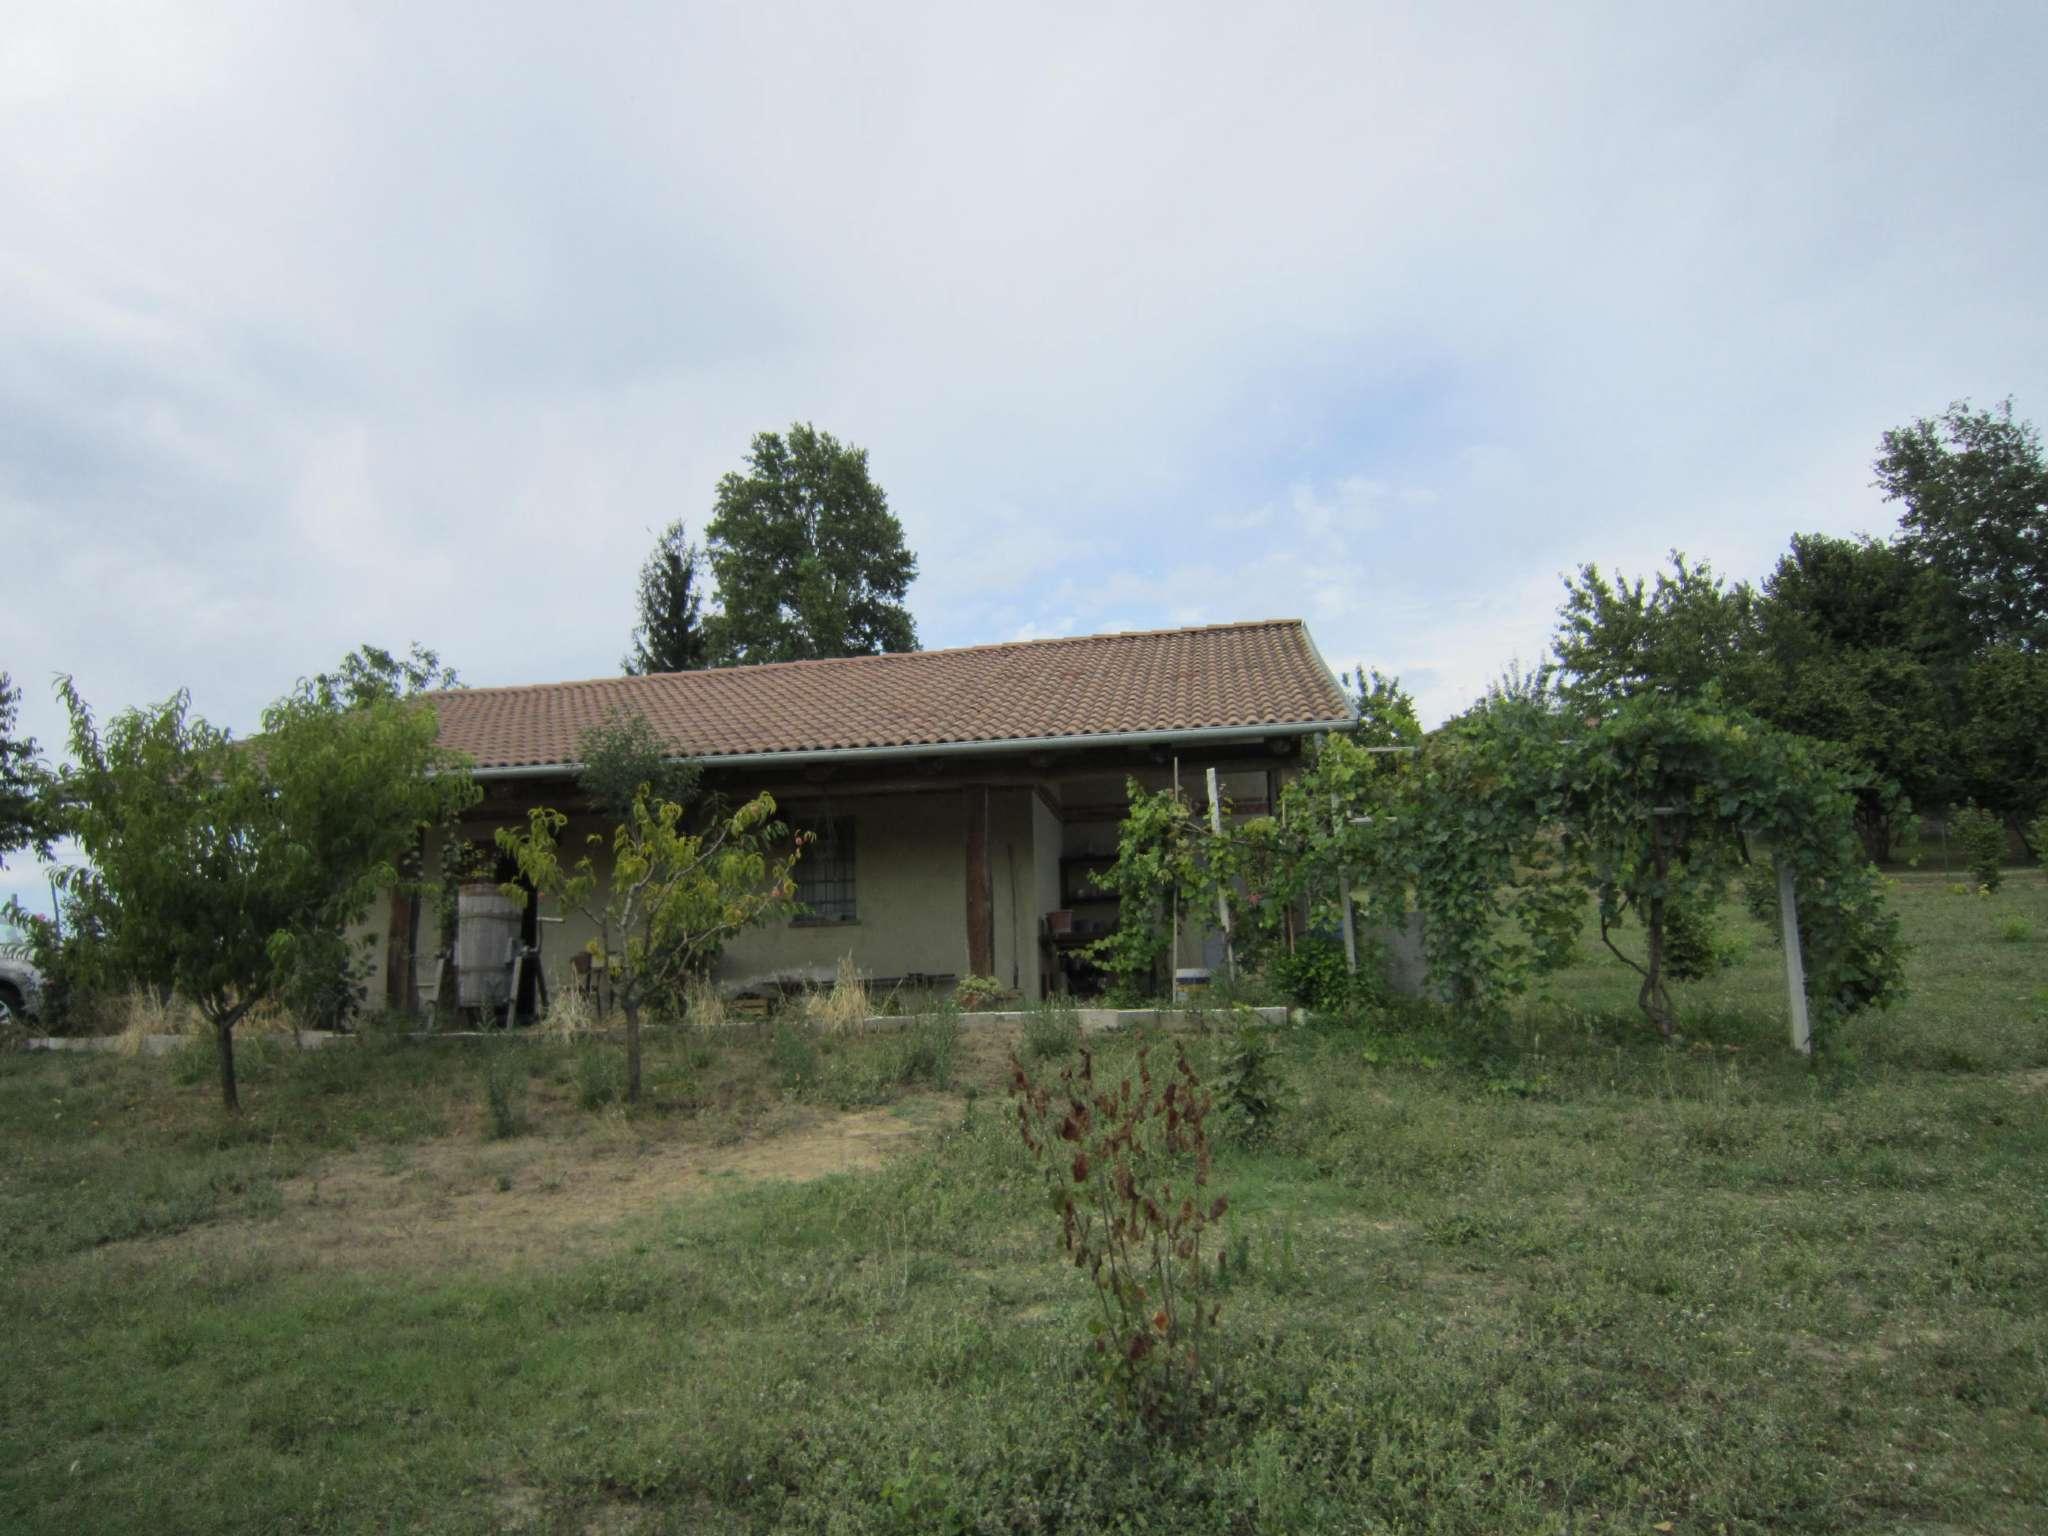 Rustico / Casale in vendita a Cherasco, 3 locali, prezzo € 90.000 | CambioCasa.it